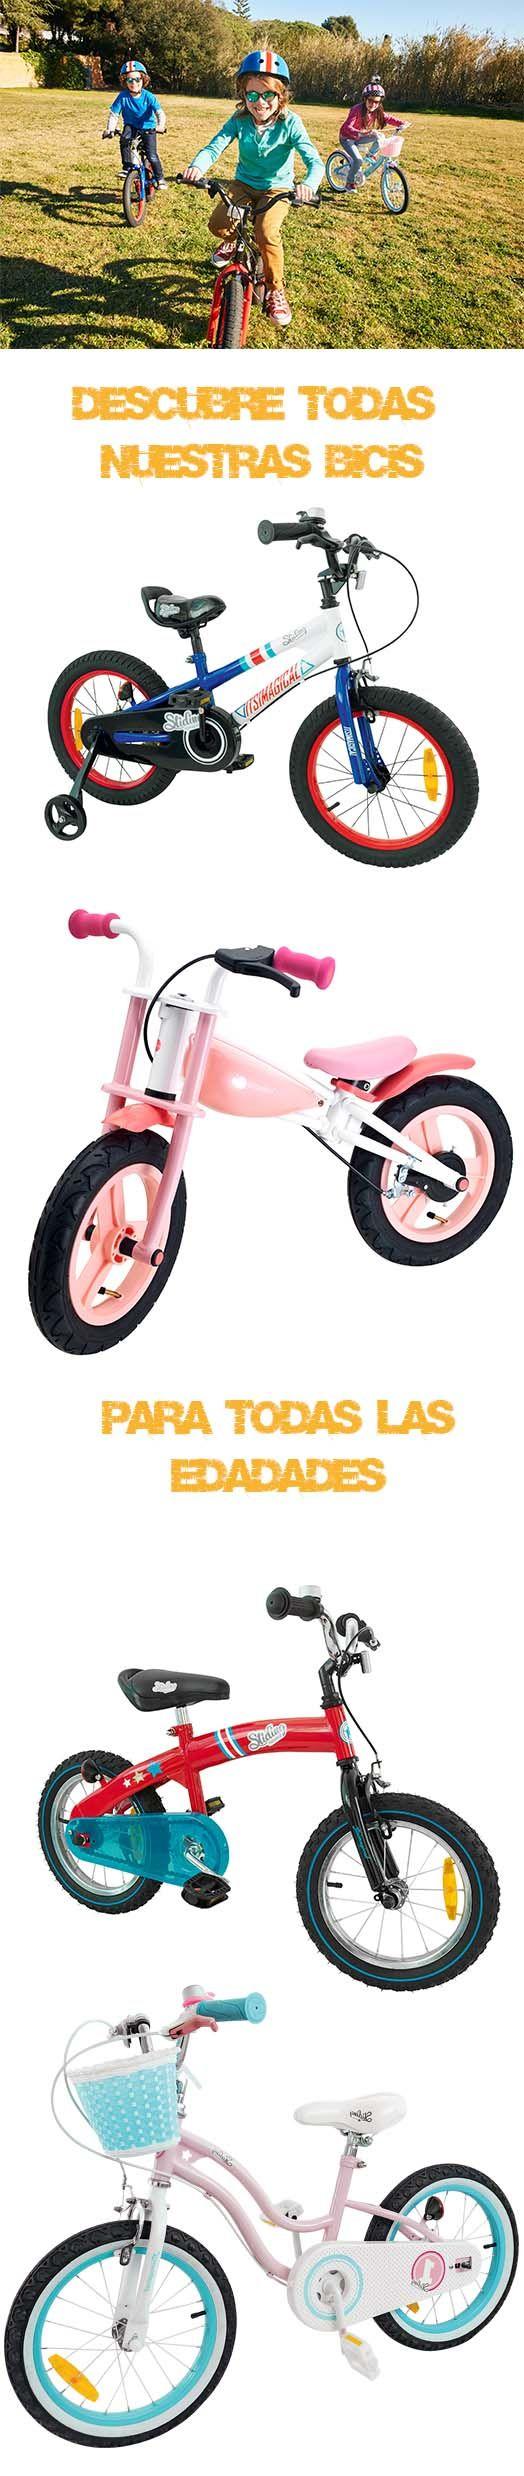 ¡Descubre todas nuestras bicis! Son super chulas, evolutivas y para todas las edades. Prepárate para un verano sobre ruedas ;) #bici #niño #verano #juguetessobreruedas #imaginarium